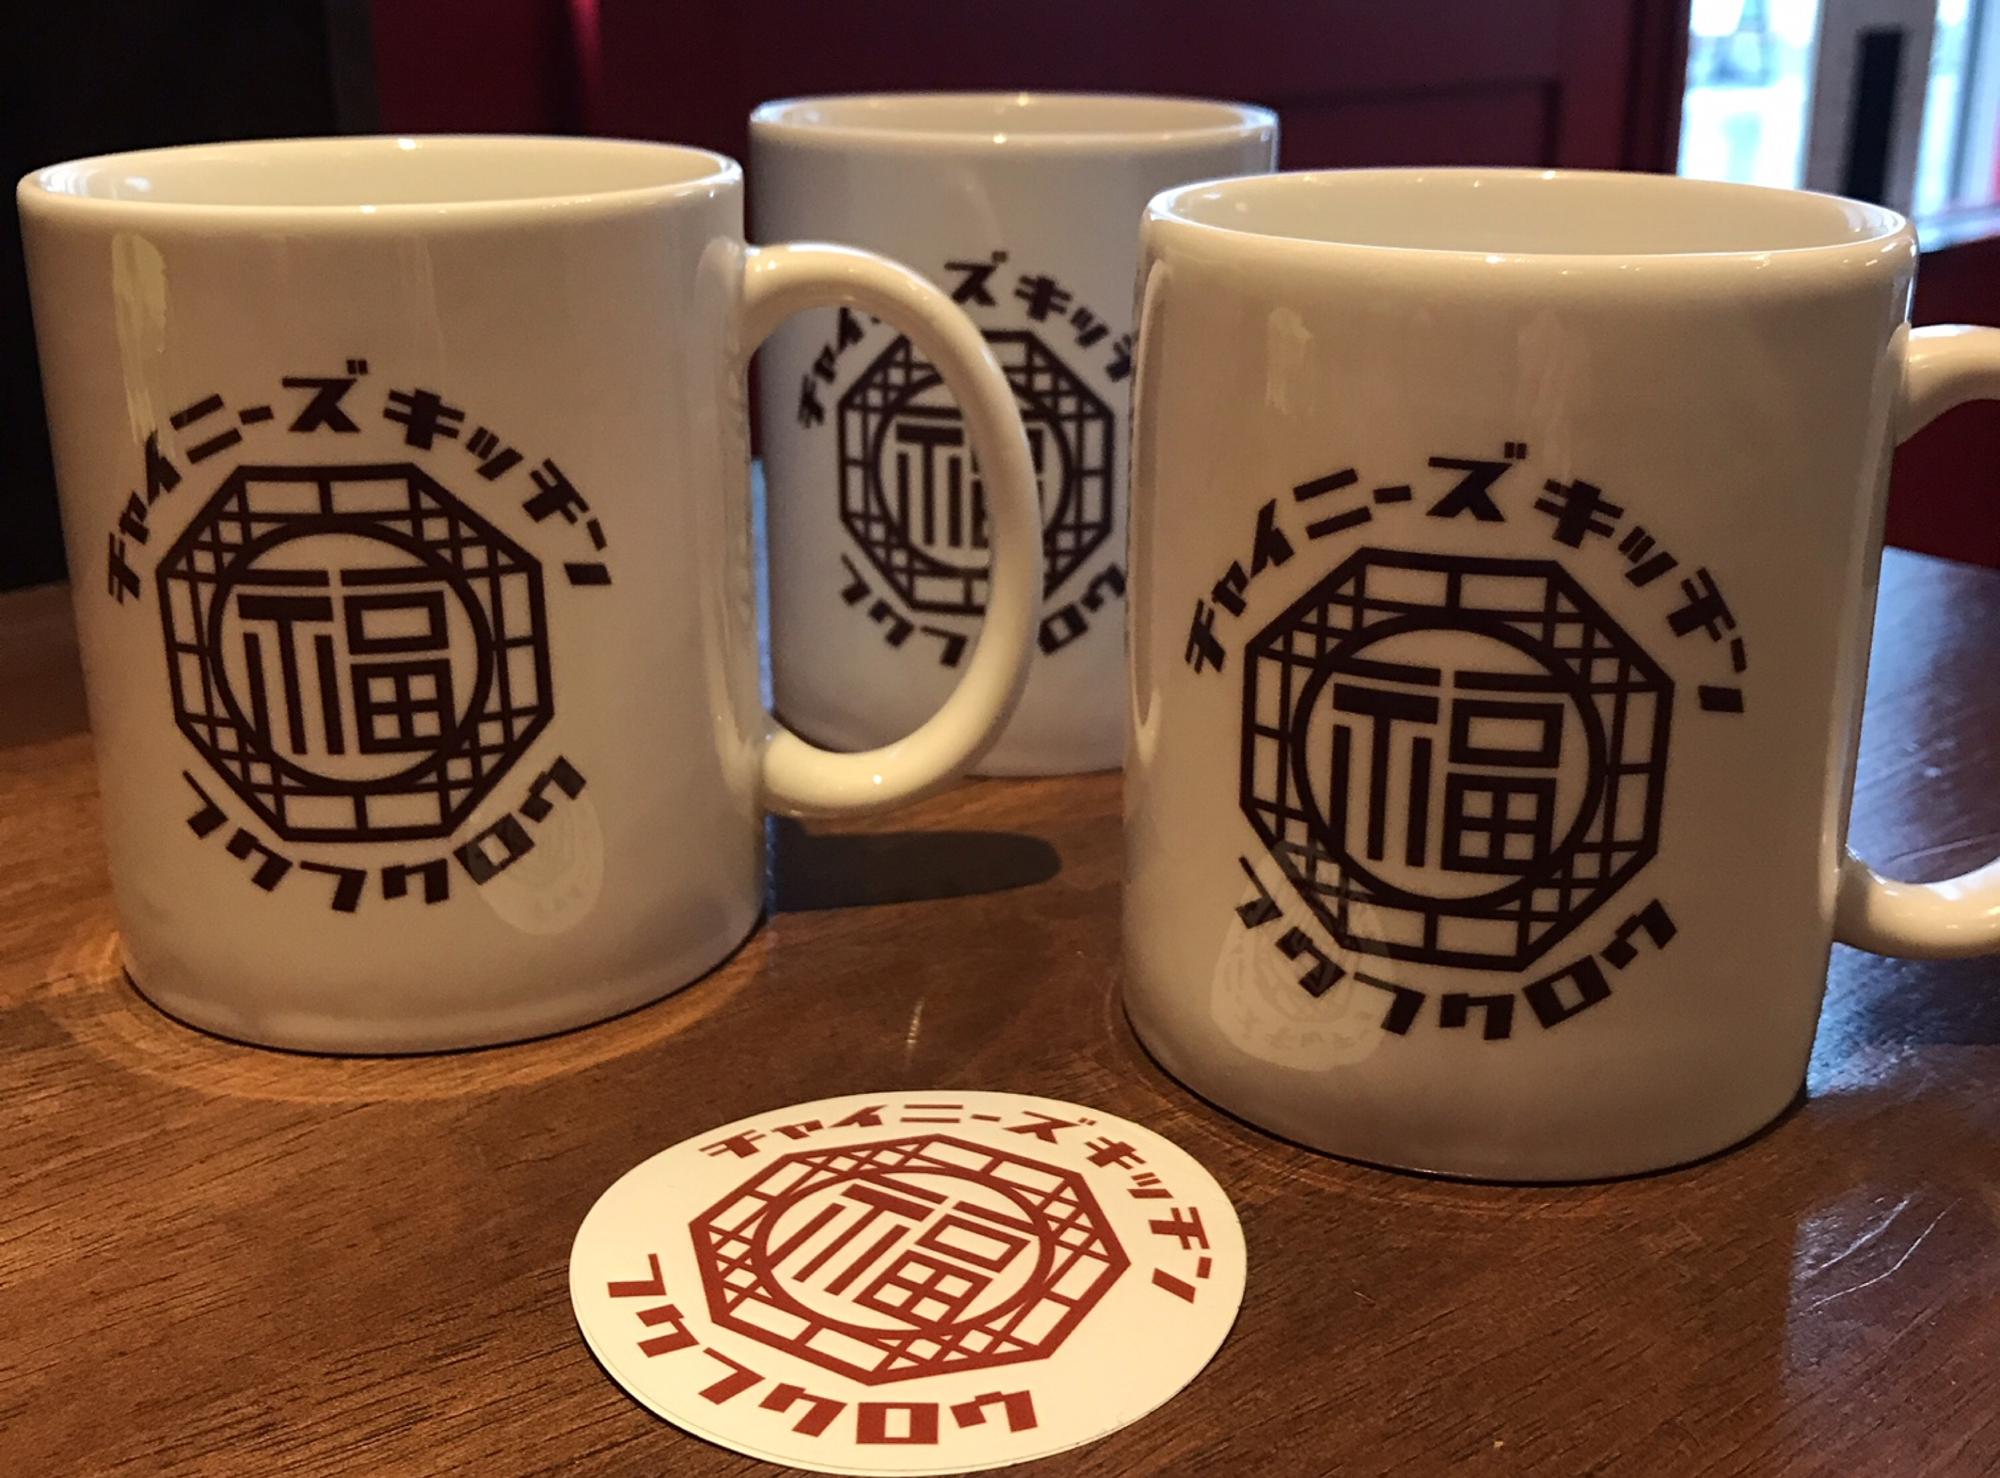 兵庫県姫路市【チャイニーズキッチン福福楼】様よりオリジナルマグカップのご注文